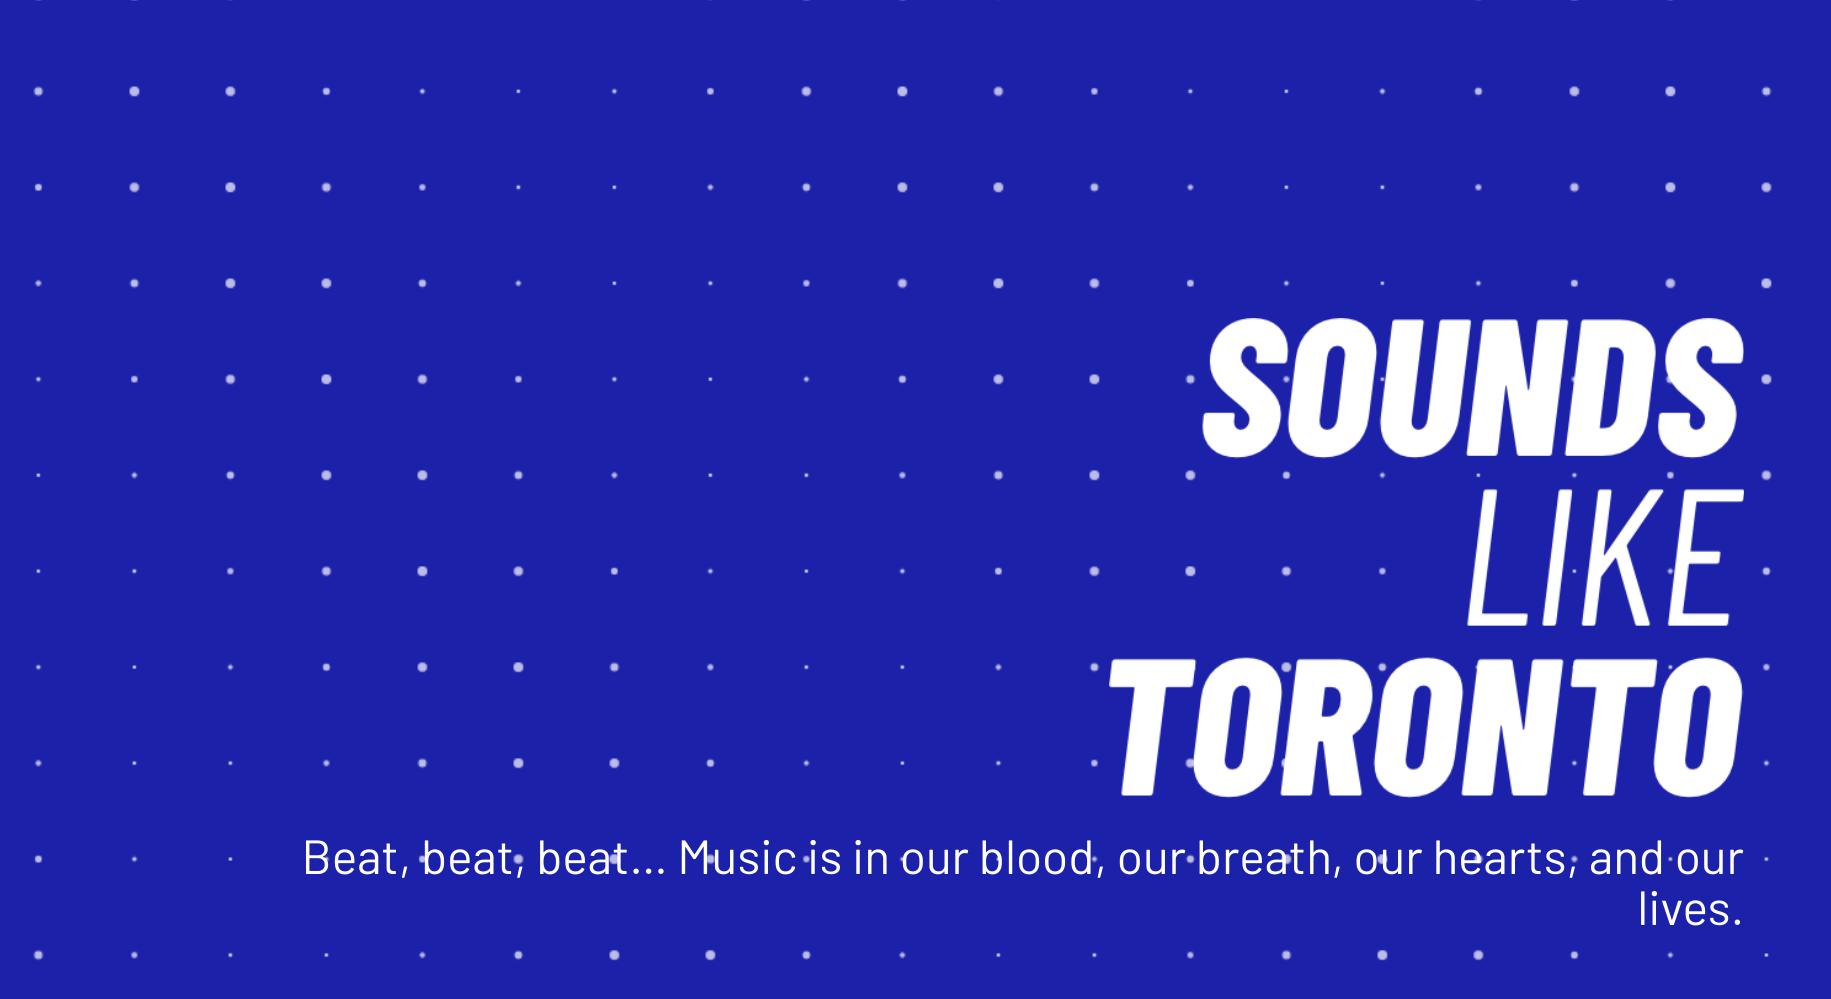 Sounds like Toronto Image